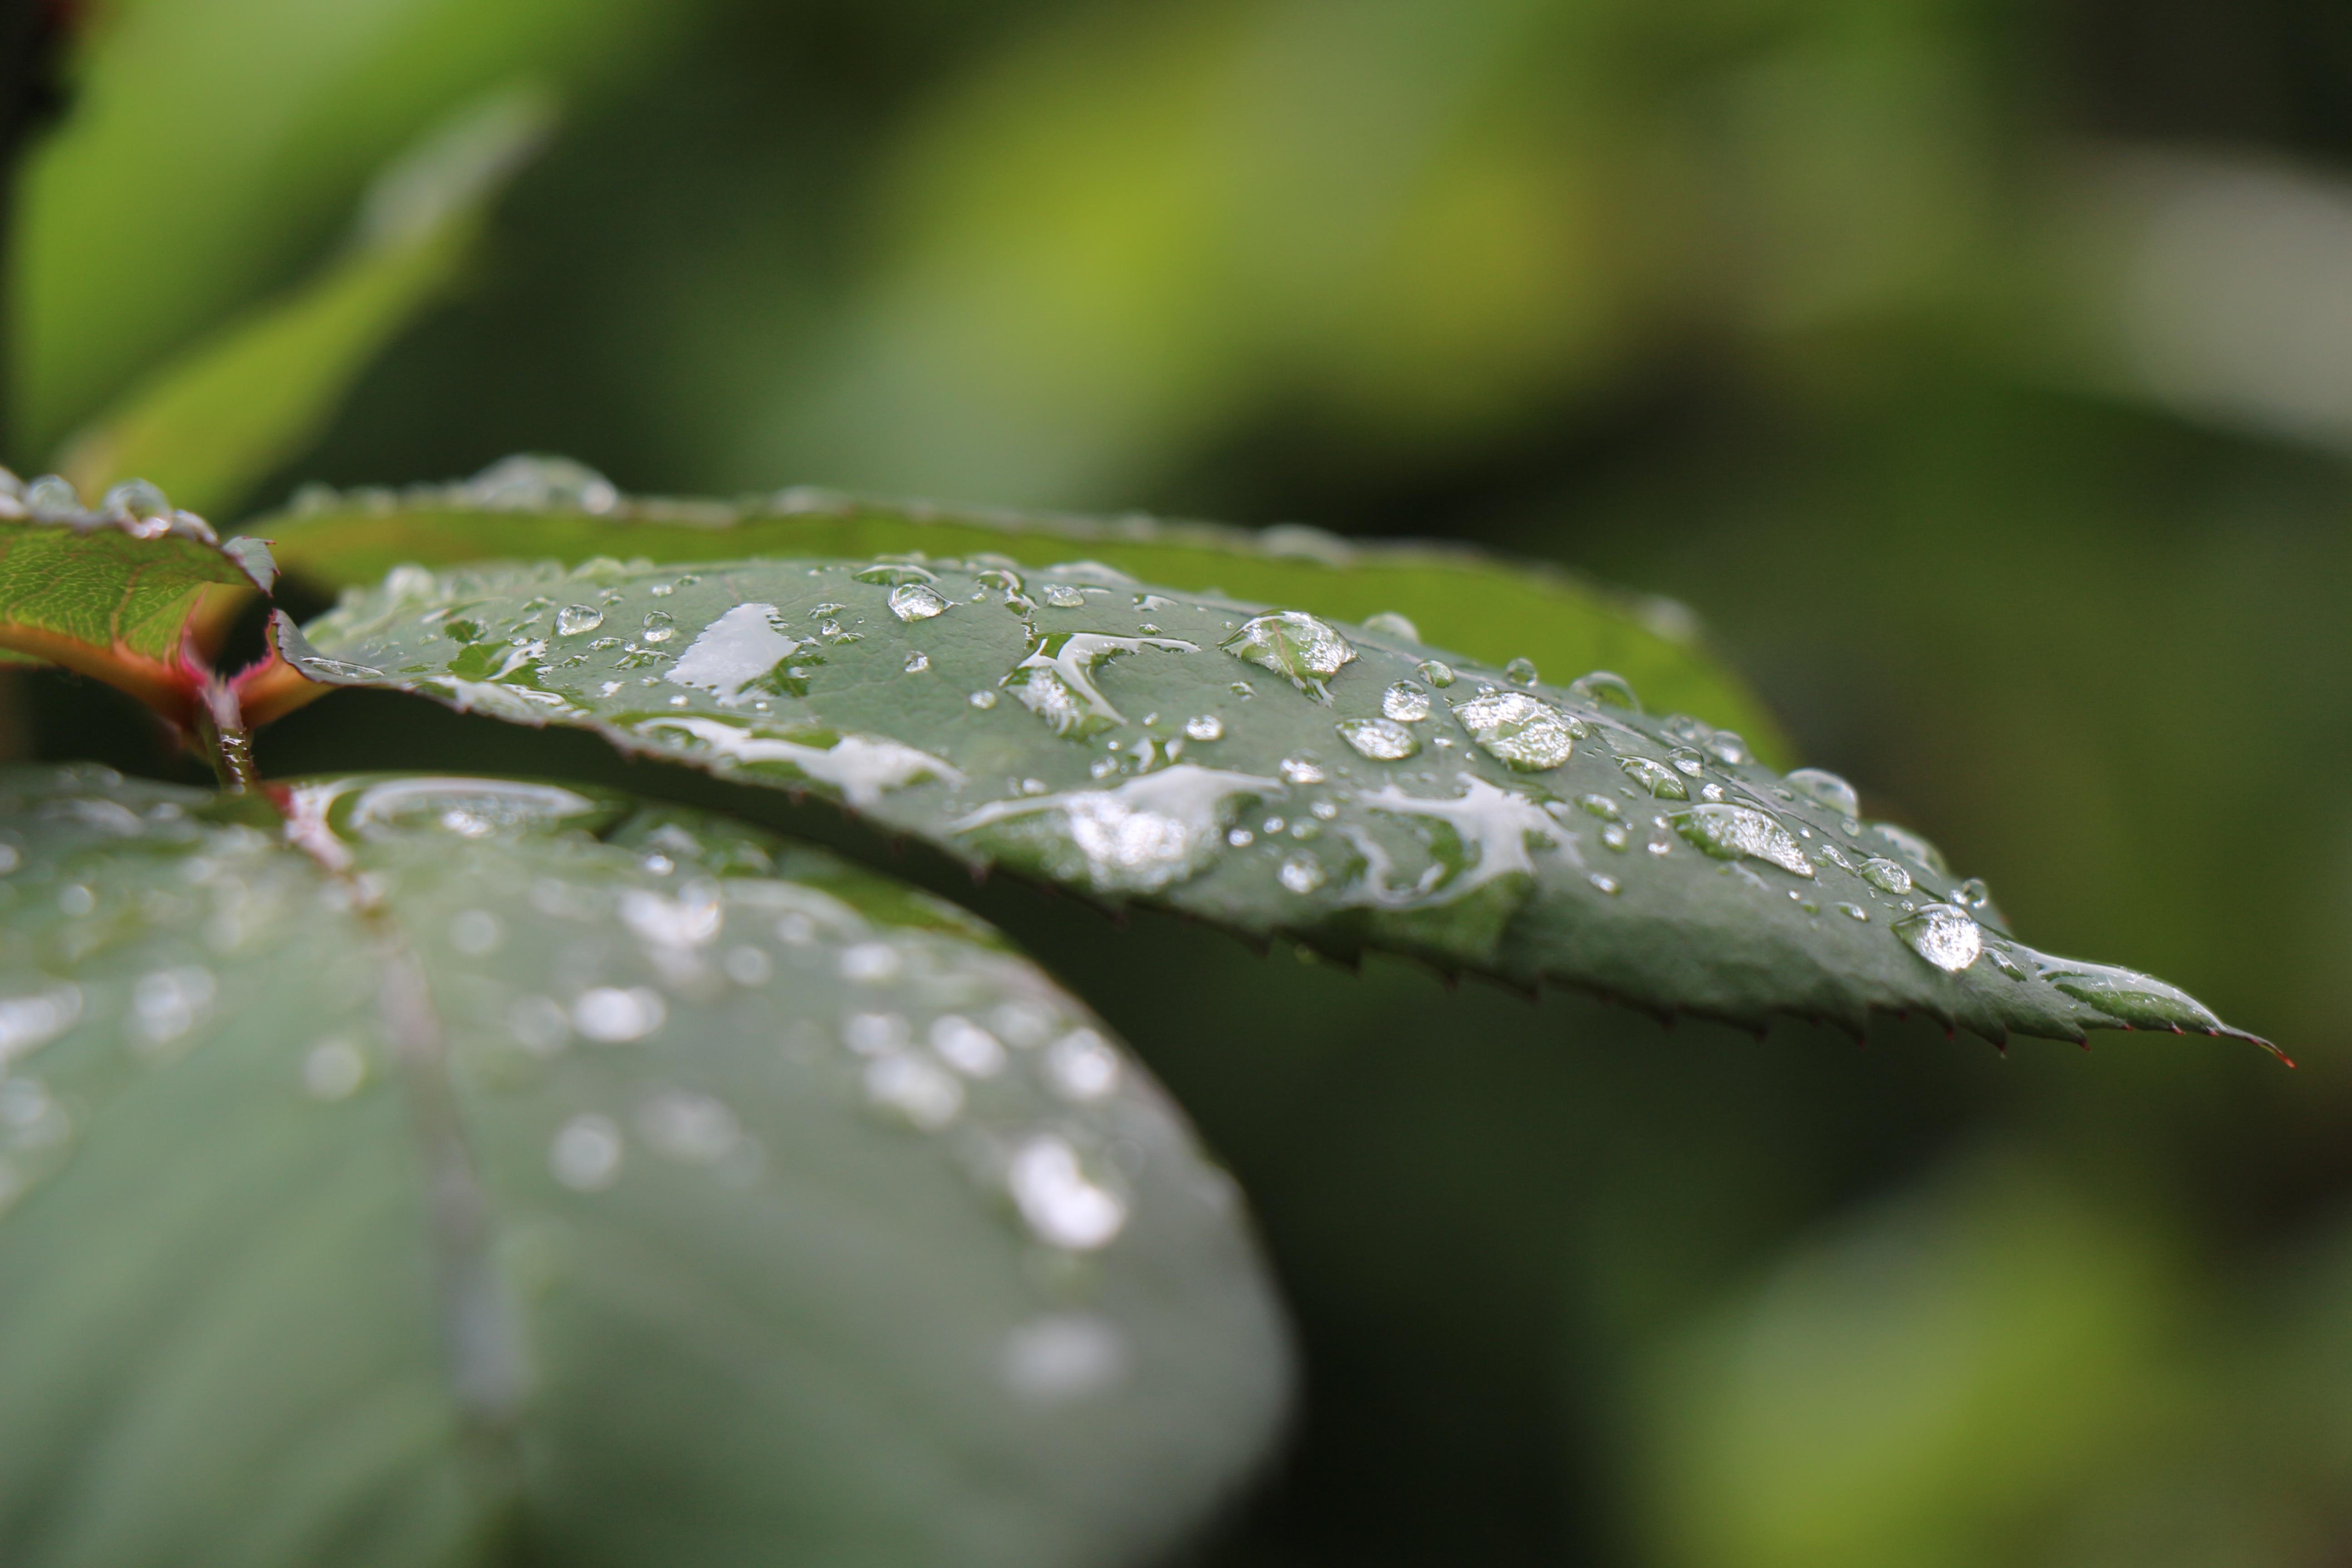 Gambar Dedaunan Tetesan Air Titisan Hujan Daun Daun Setelah